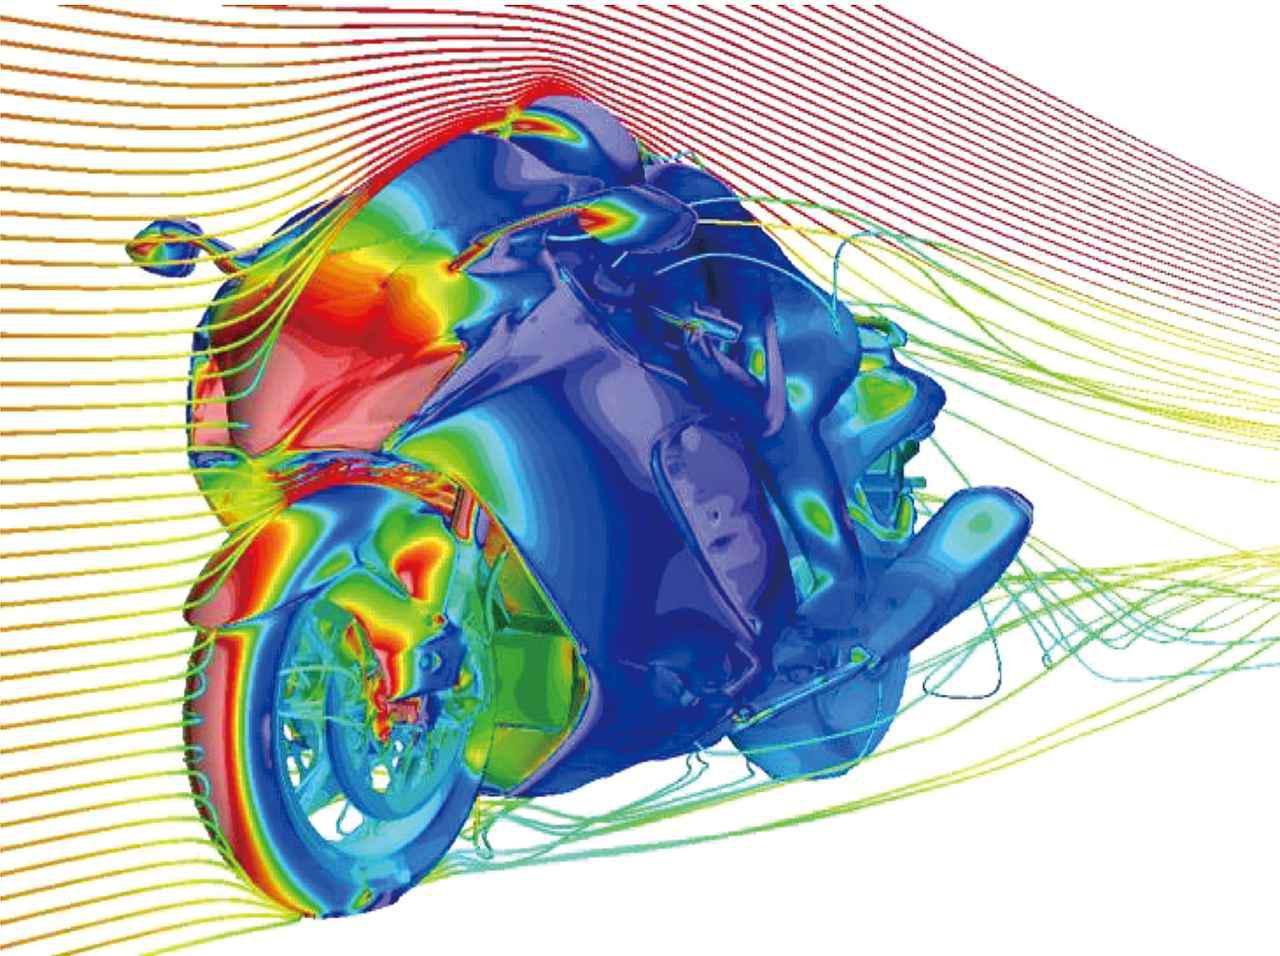 画像: コンピューターによるシミュレーションや風洞実験を重ねて空気の流れを解析することで、エアロフォルムは形作られている。